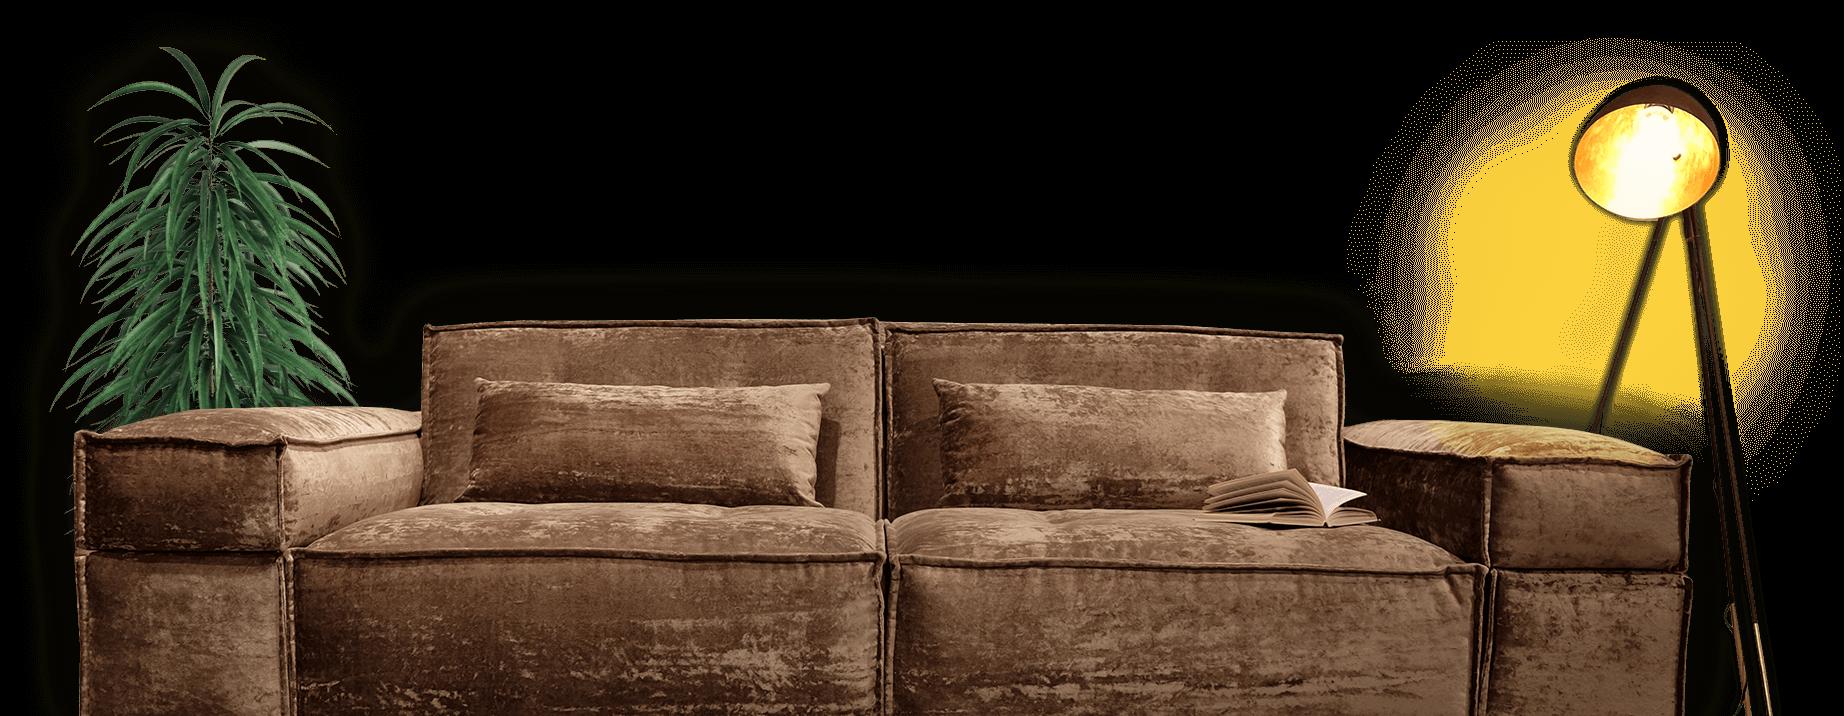 Ортопедические диваны для сна в москве